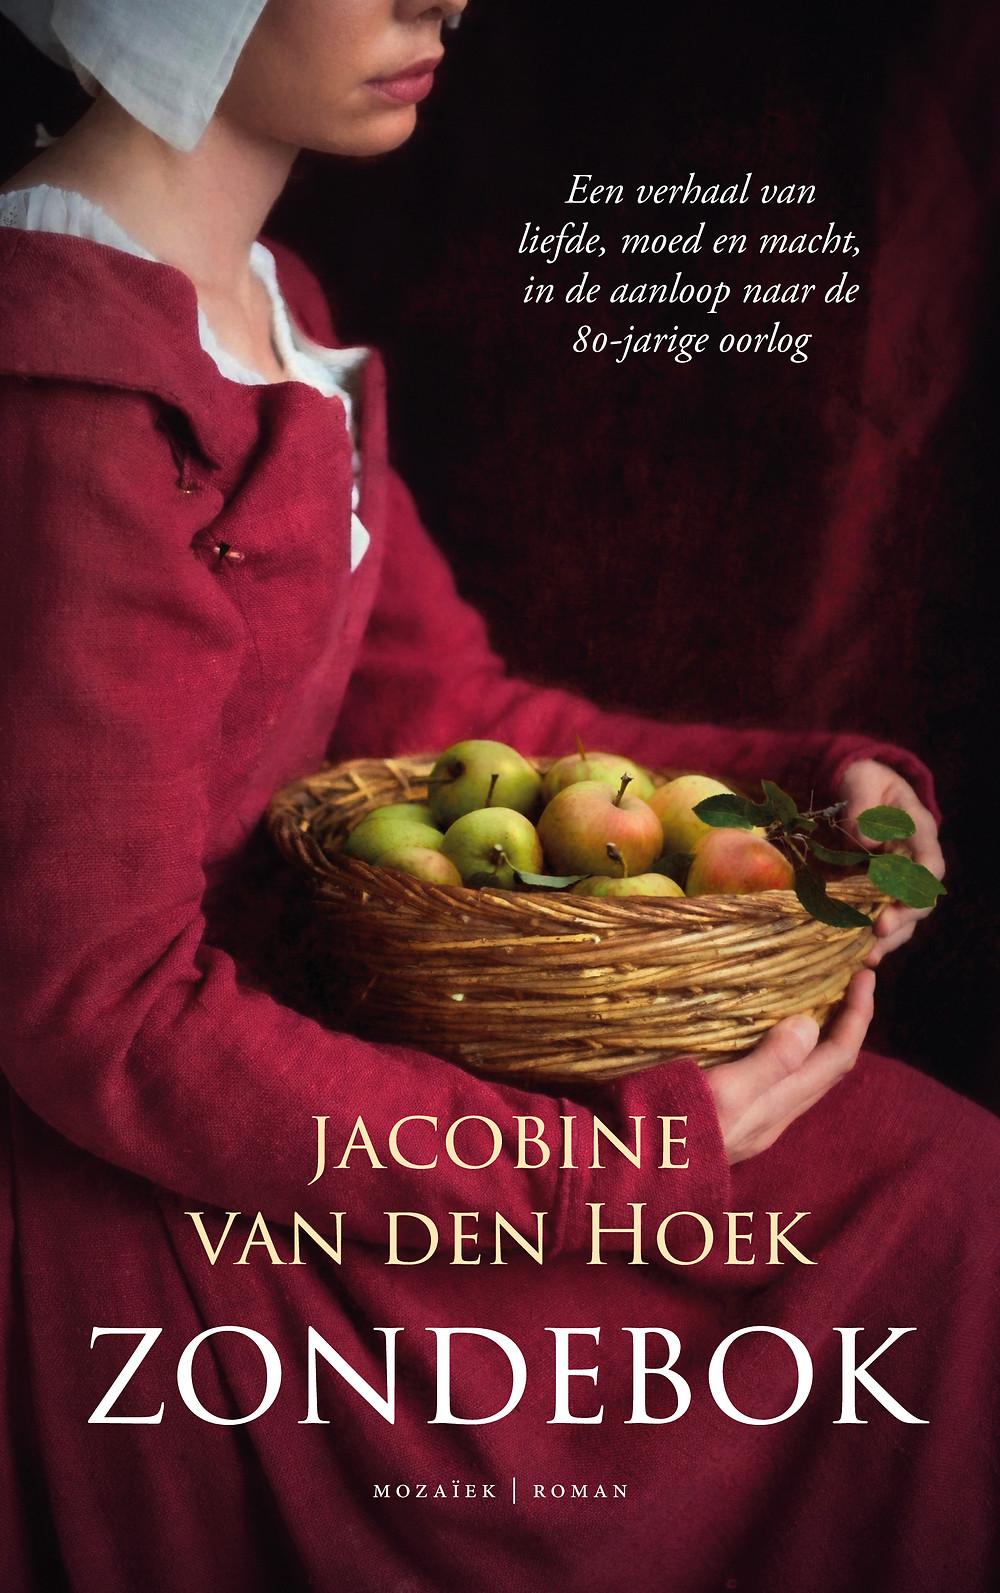 Zondebok Jacobine Jacobien Zondebok